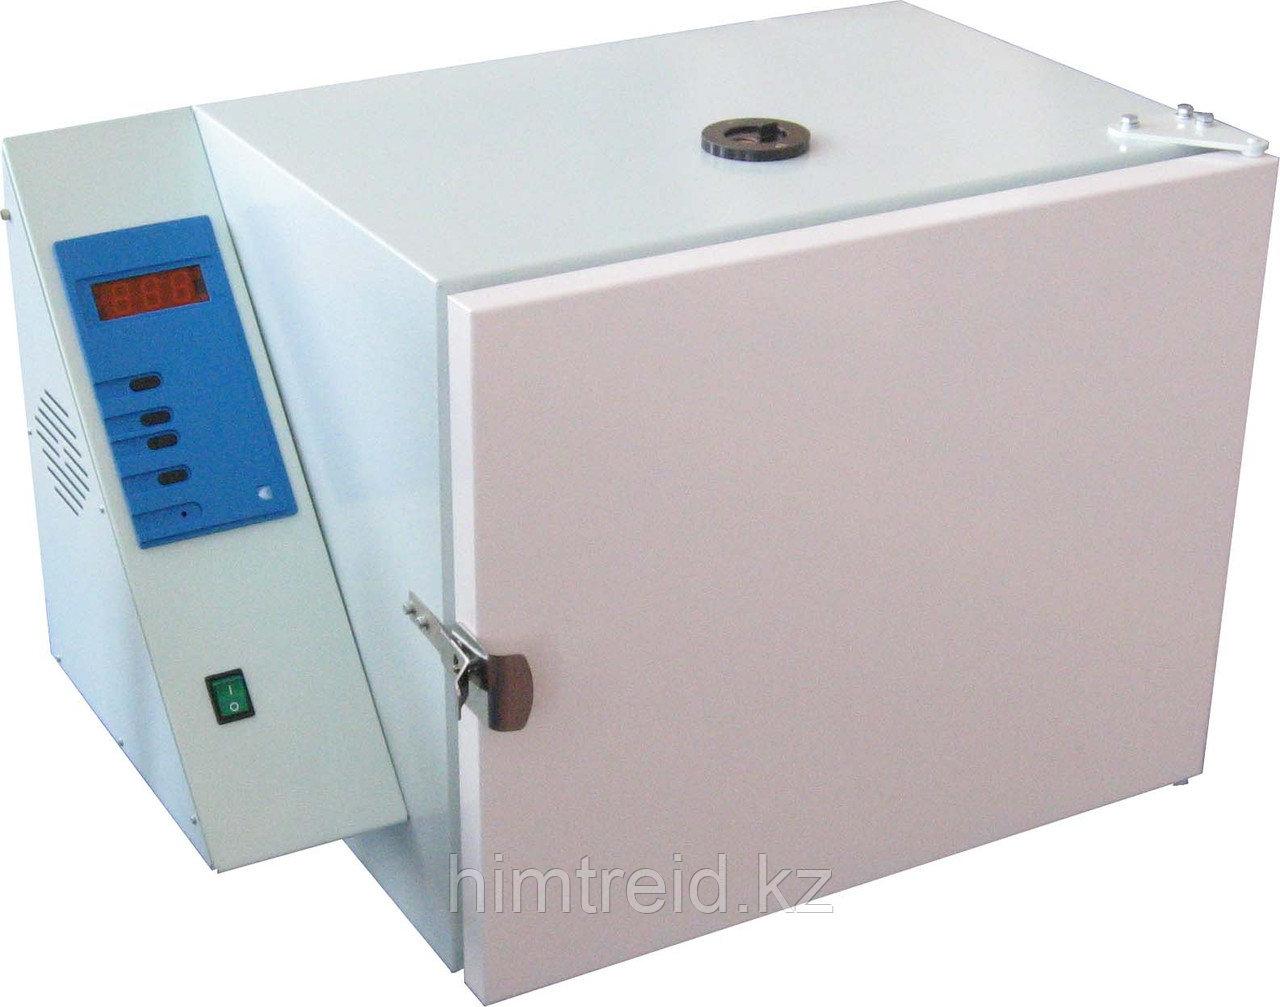 Шкаф сушильный ШС-40